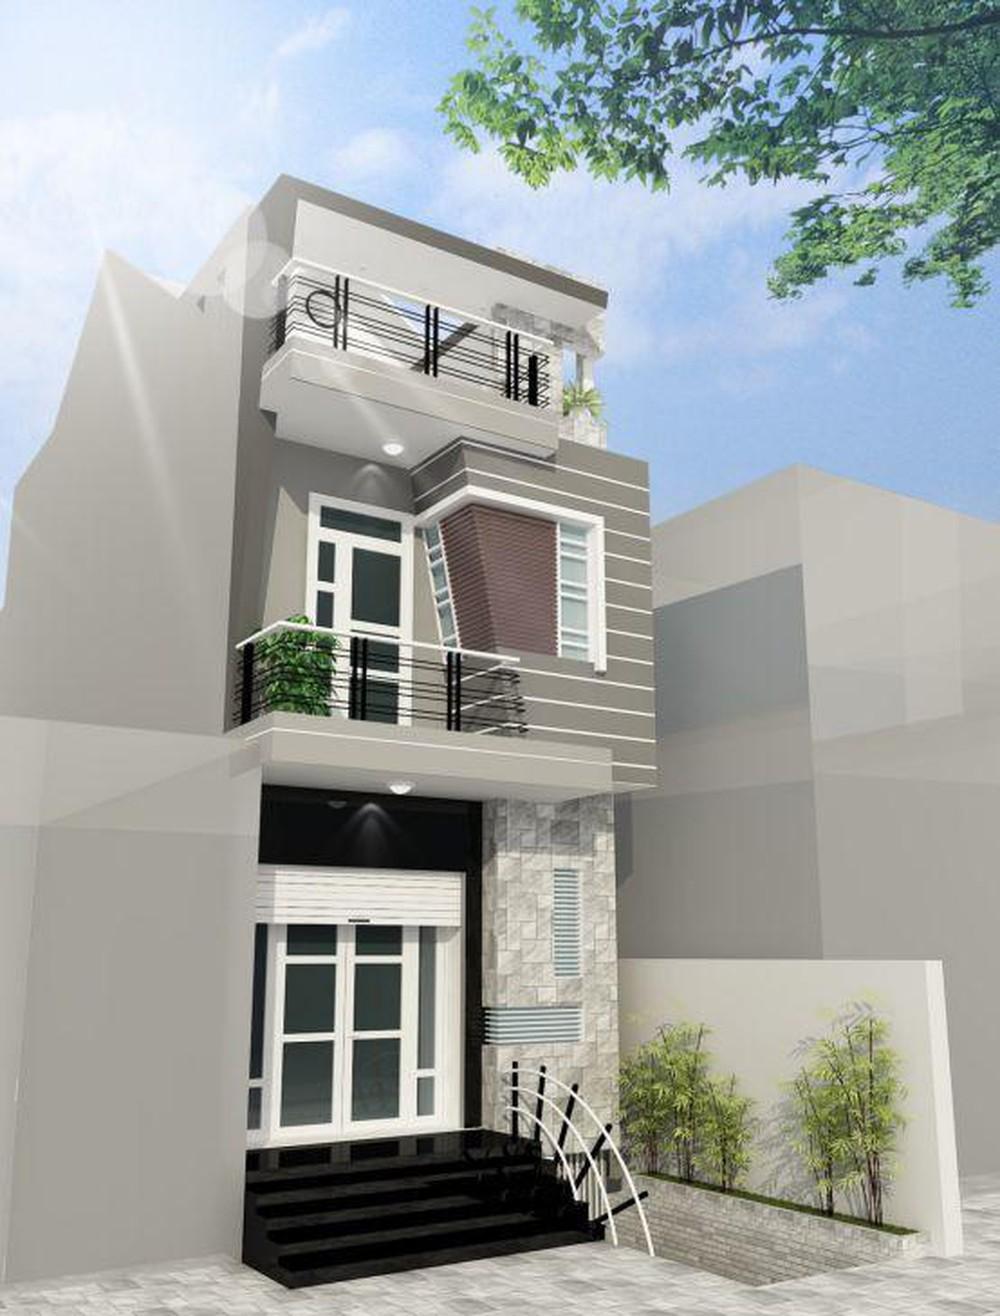 Thiet Ke Nha 2 Tang Don Gian Ben Dep 2 -Thiết kế xây nhà ống 2 tầng mái bằng